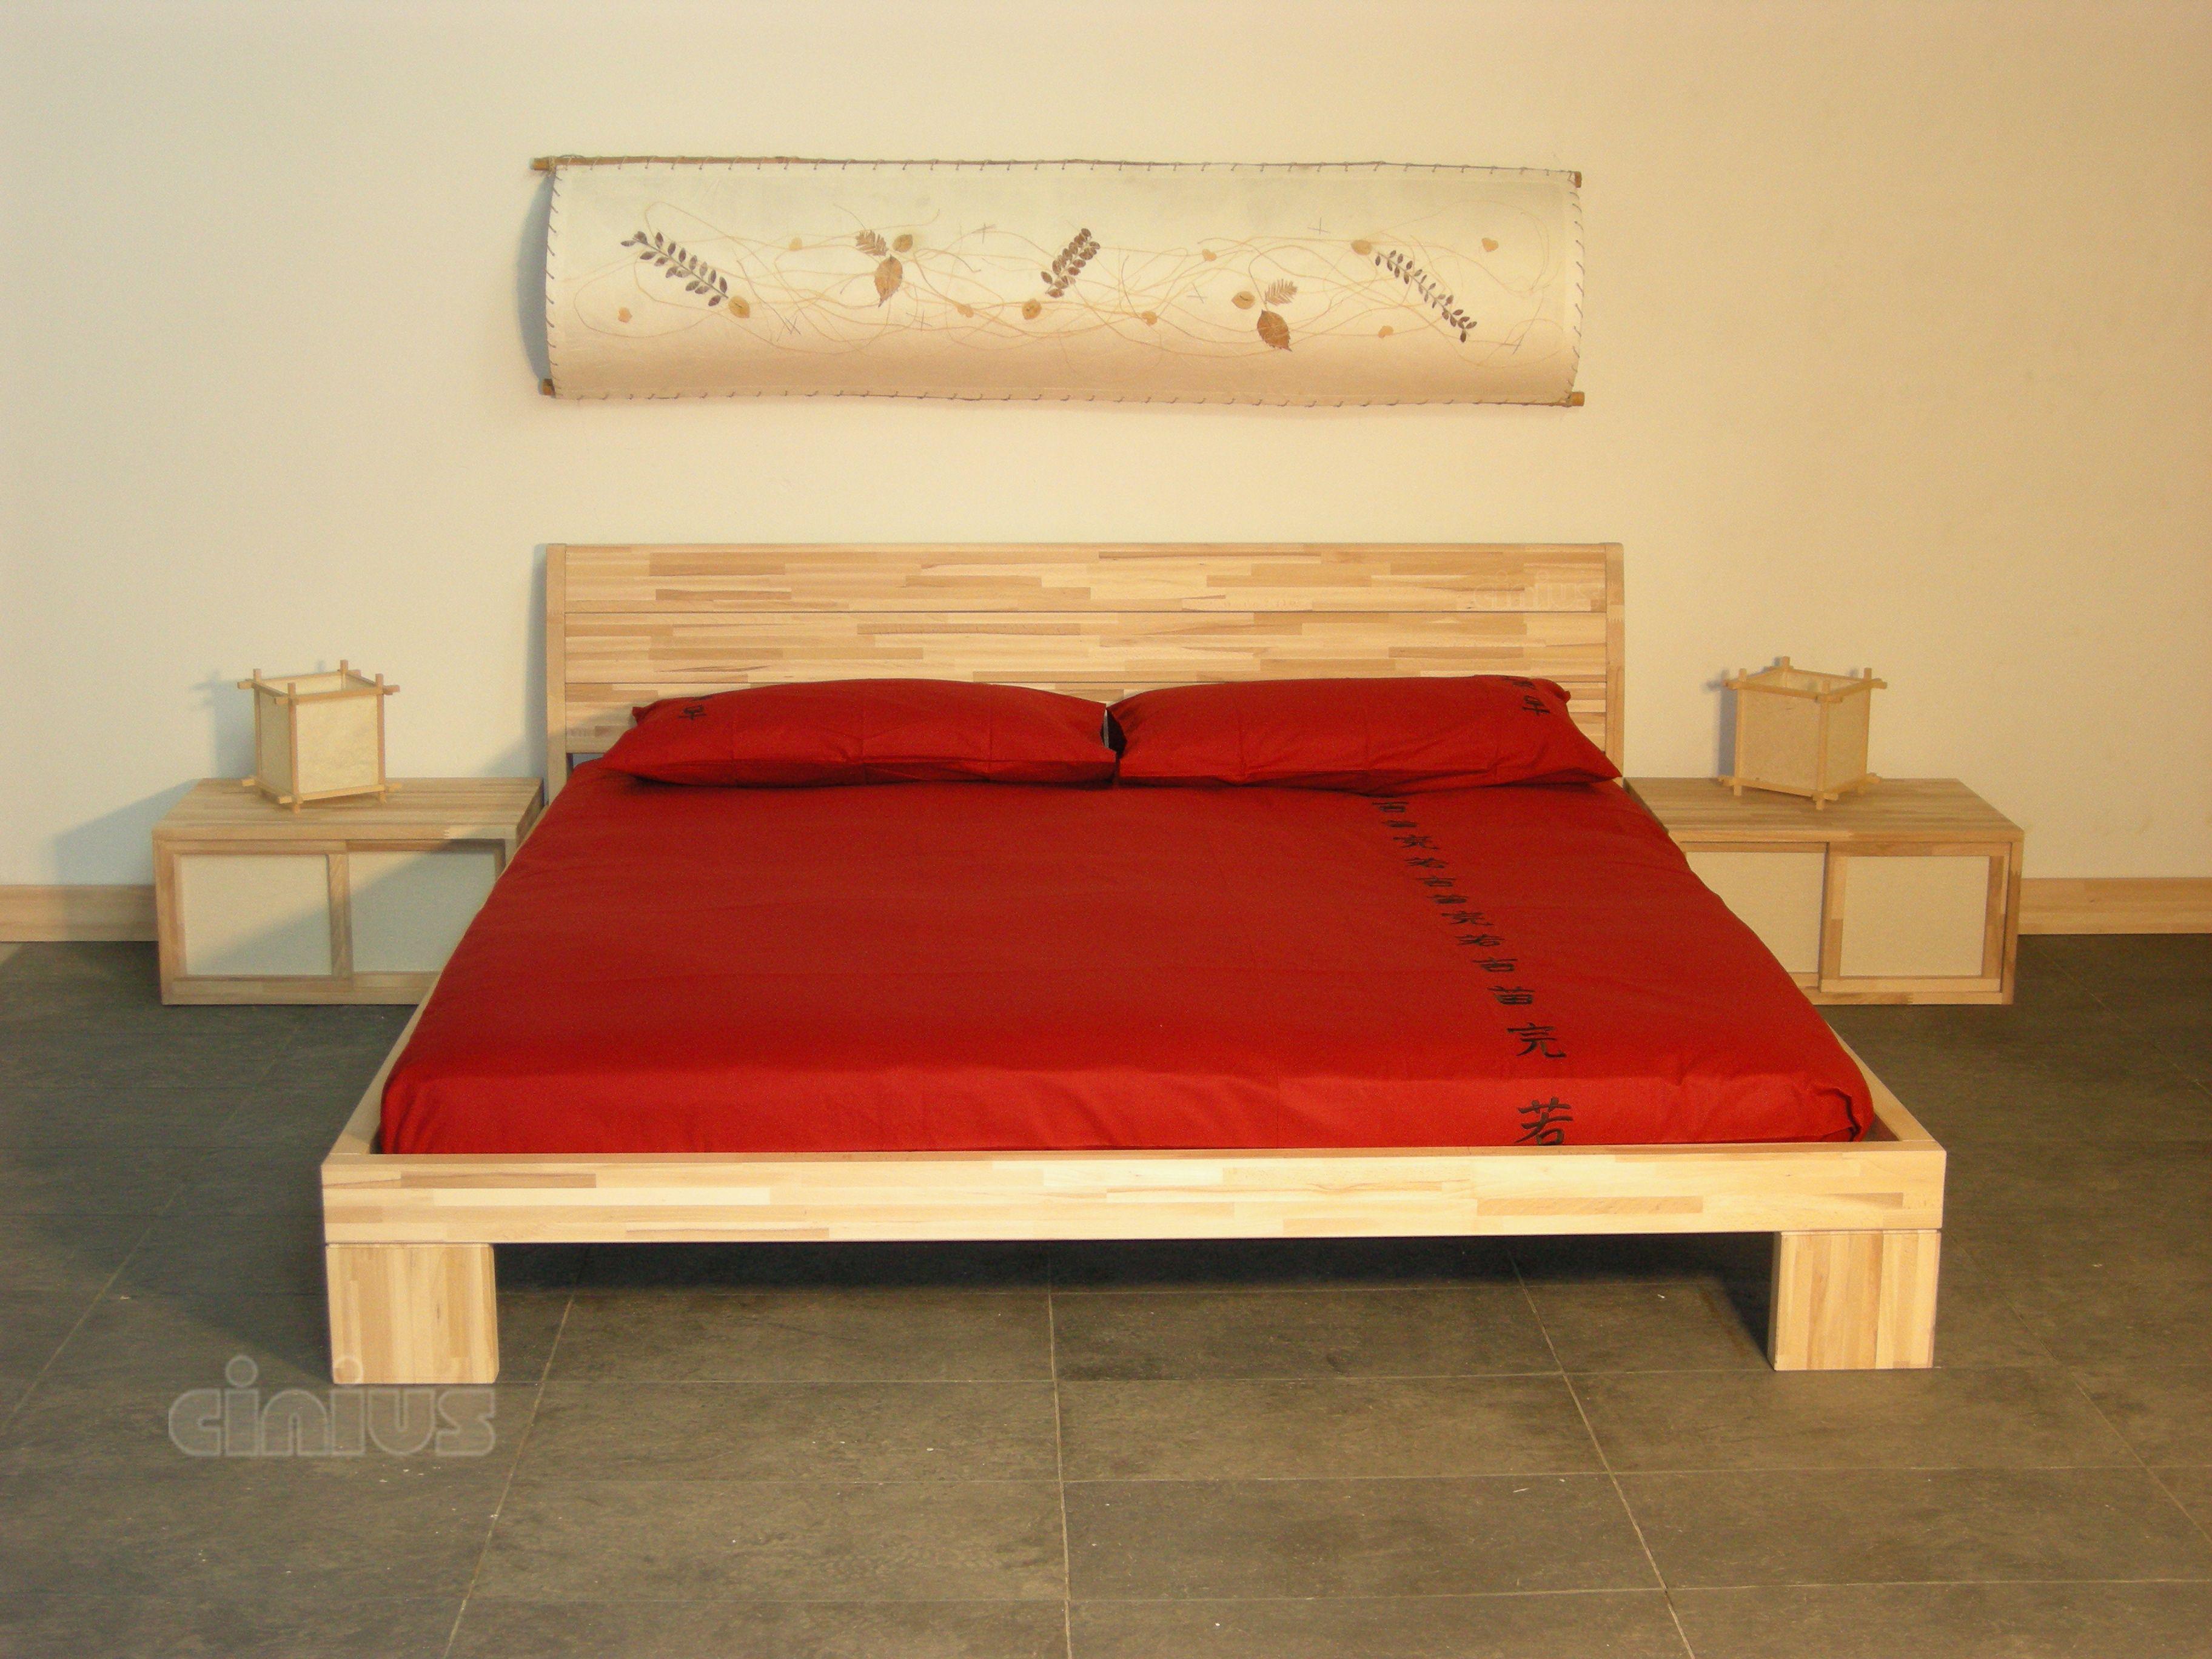 Strutture Letto In Legno Massello : Letto aurora semplice ed elegante in legno massello di faggio